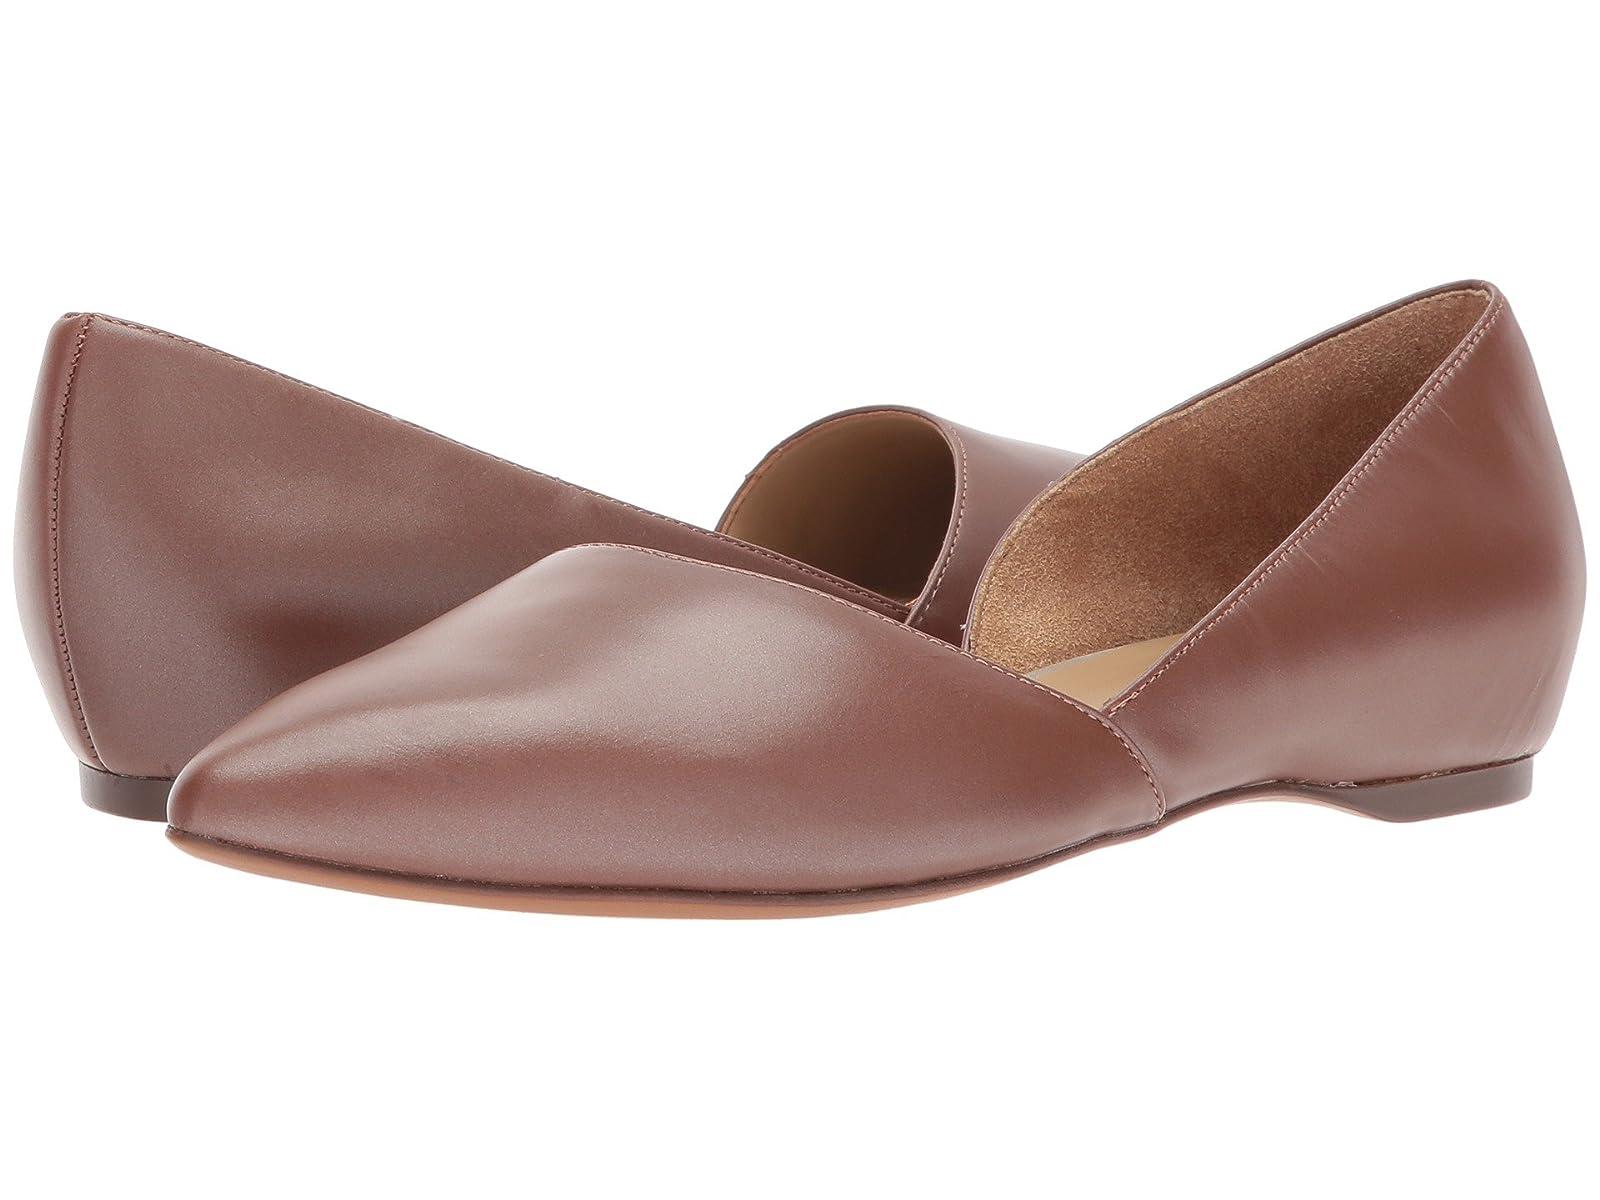 Naturalizer SamanthaAtmospheric grades have affordable shoes